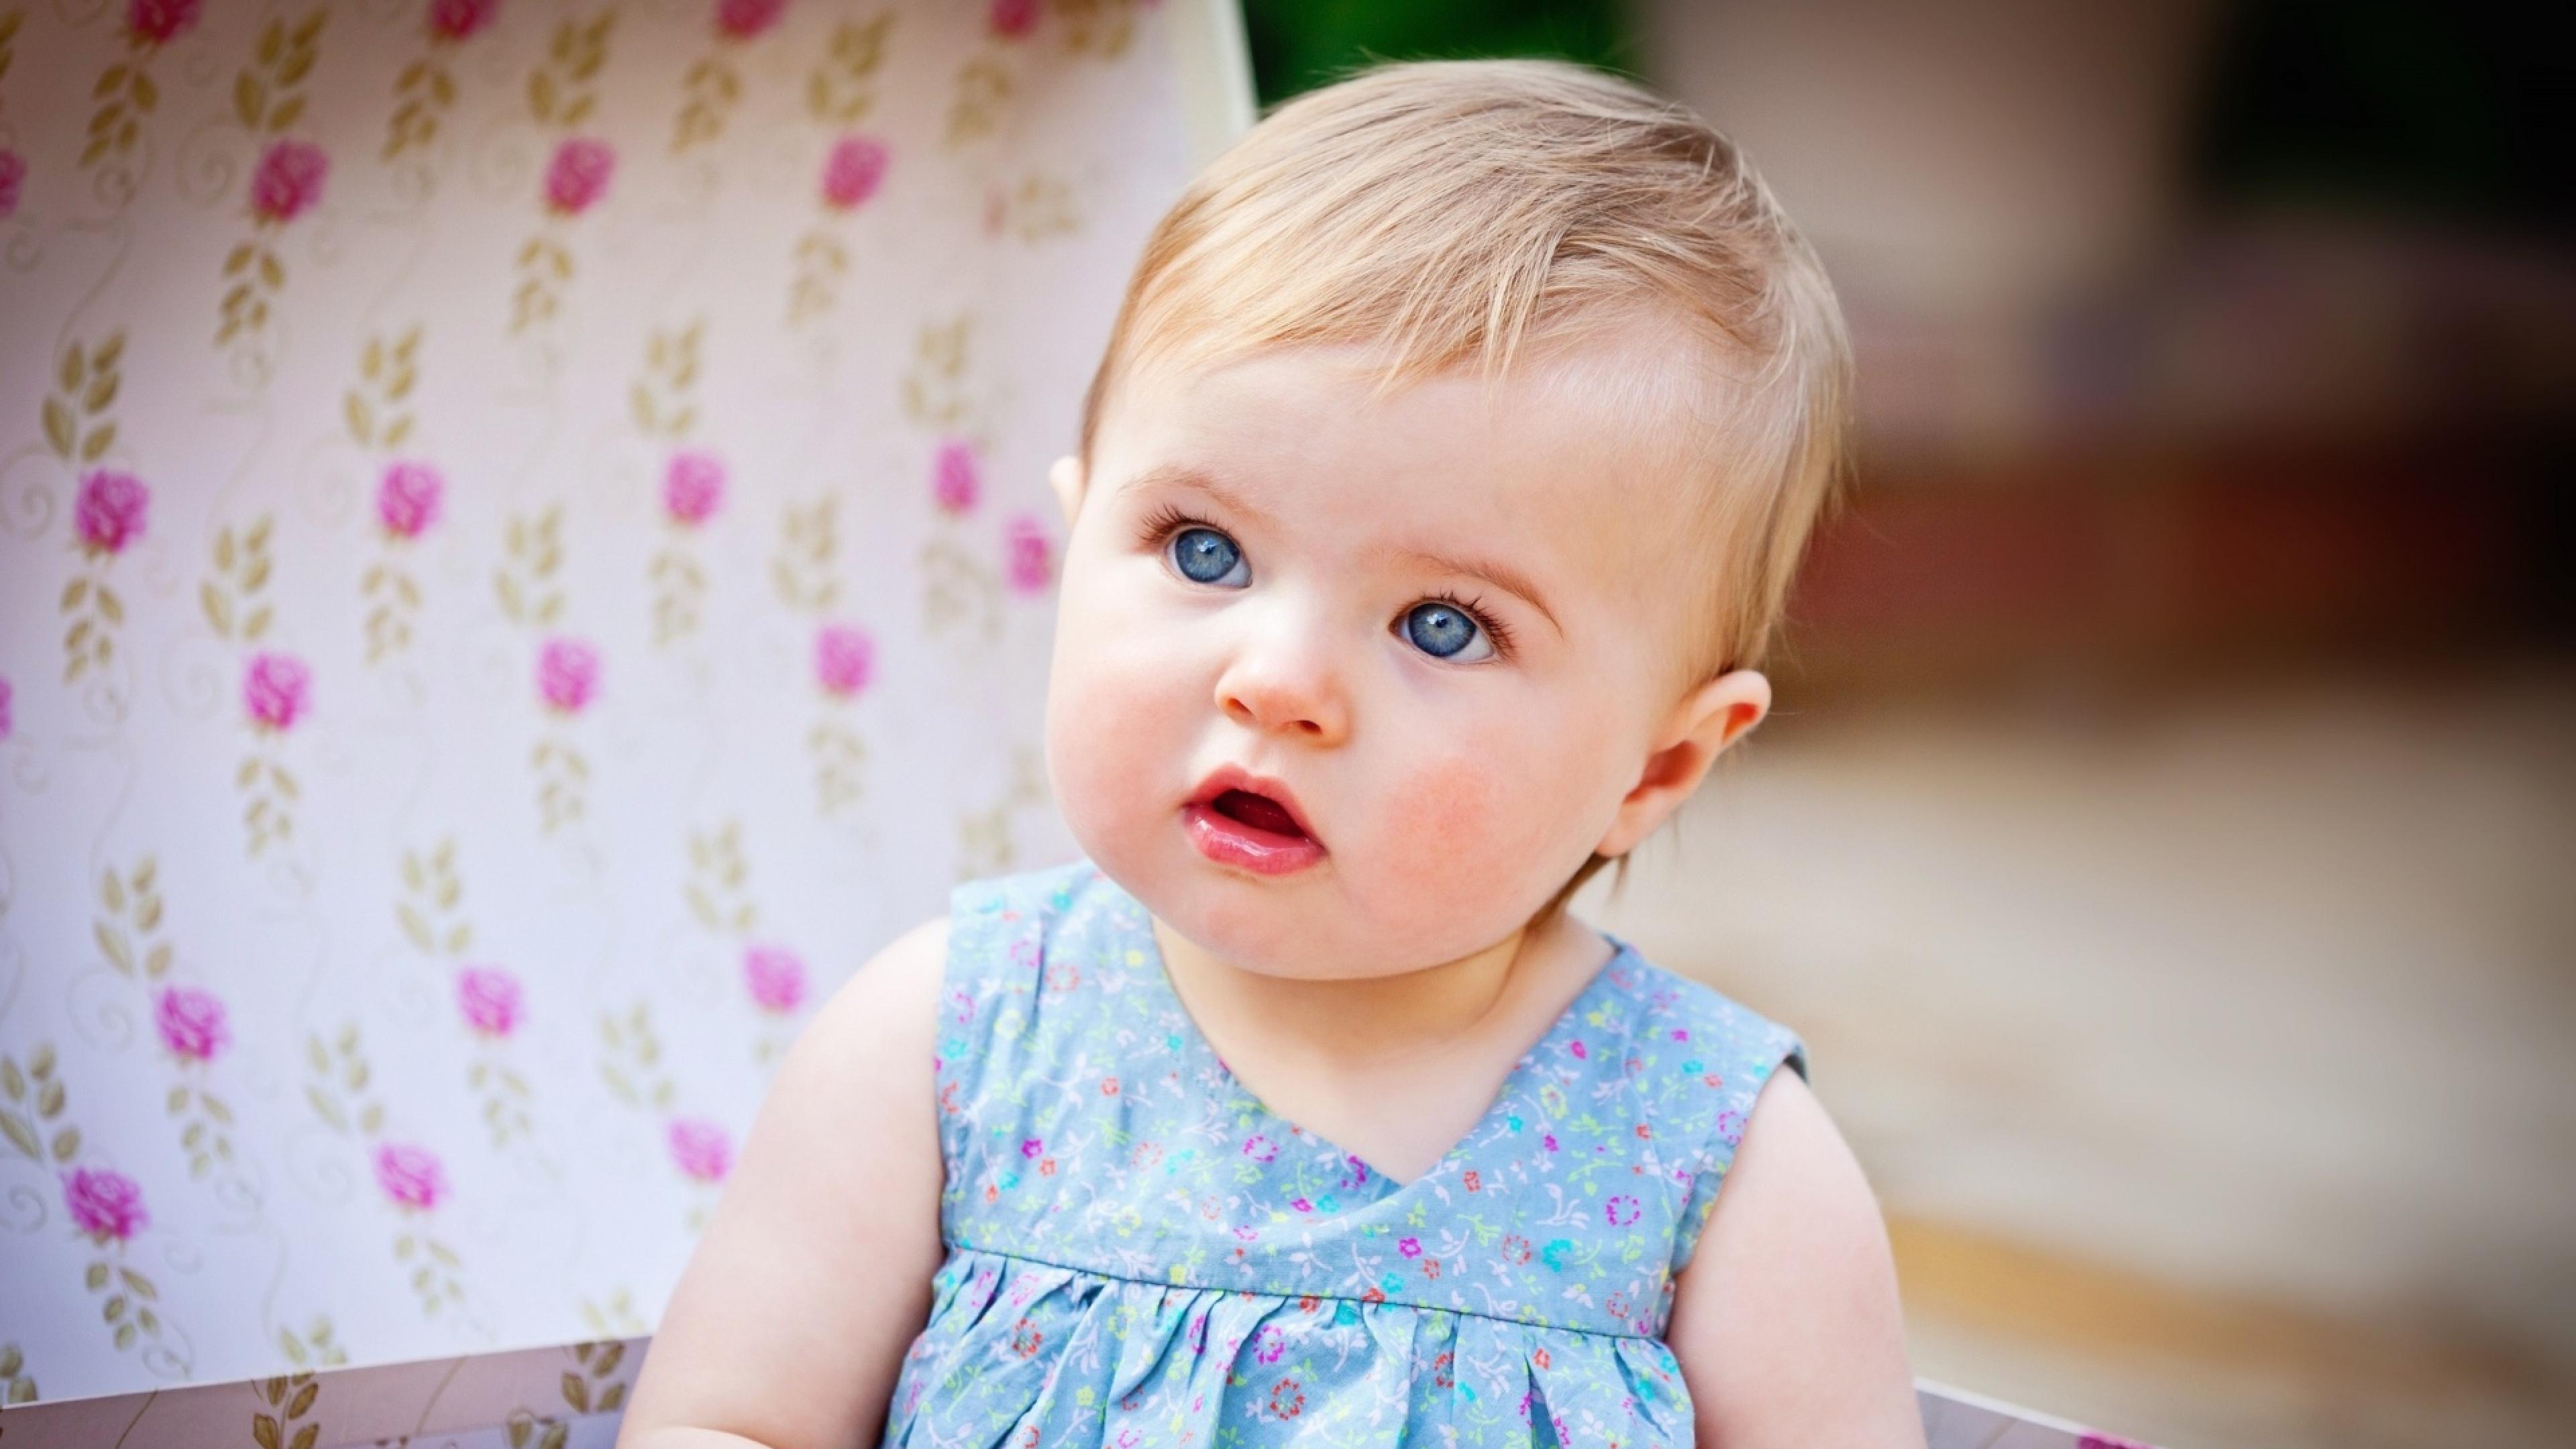 cute babies 3840x2160